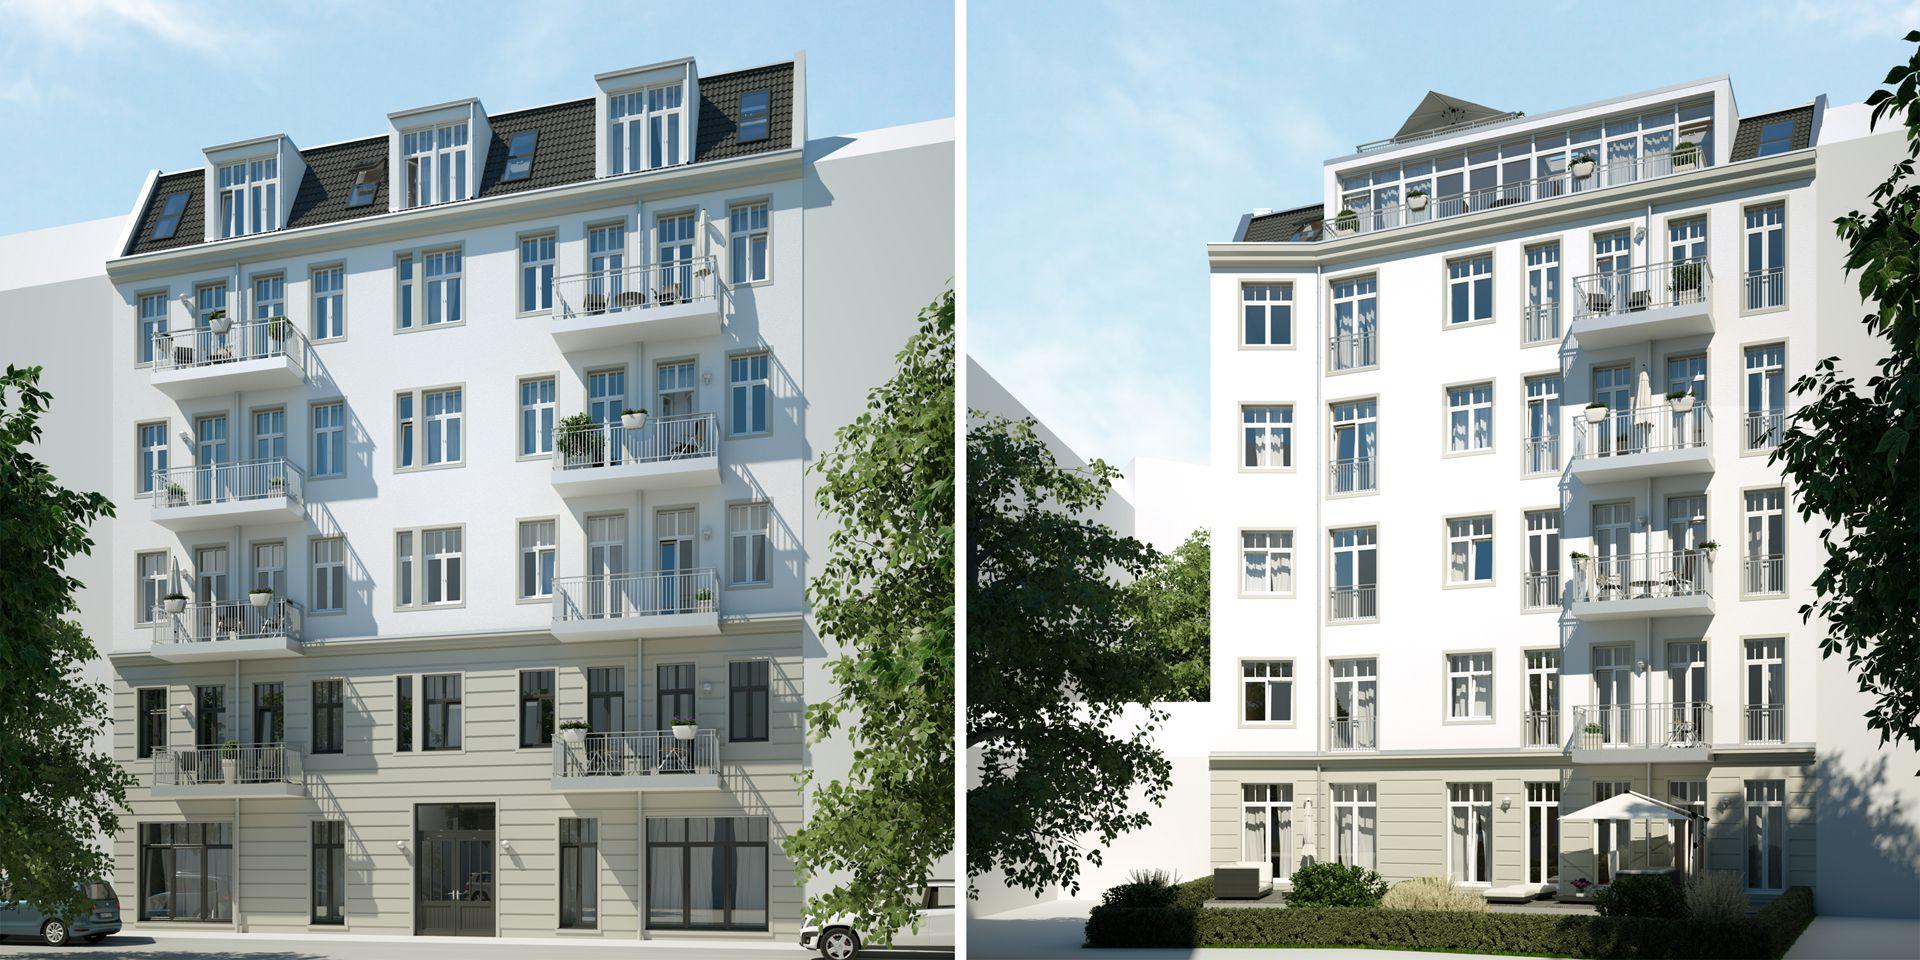 Architekturvisualisierung Altbausanierung Exterieur Berlin